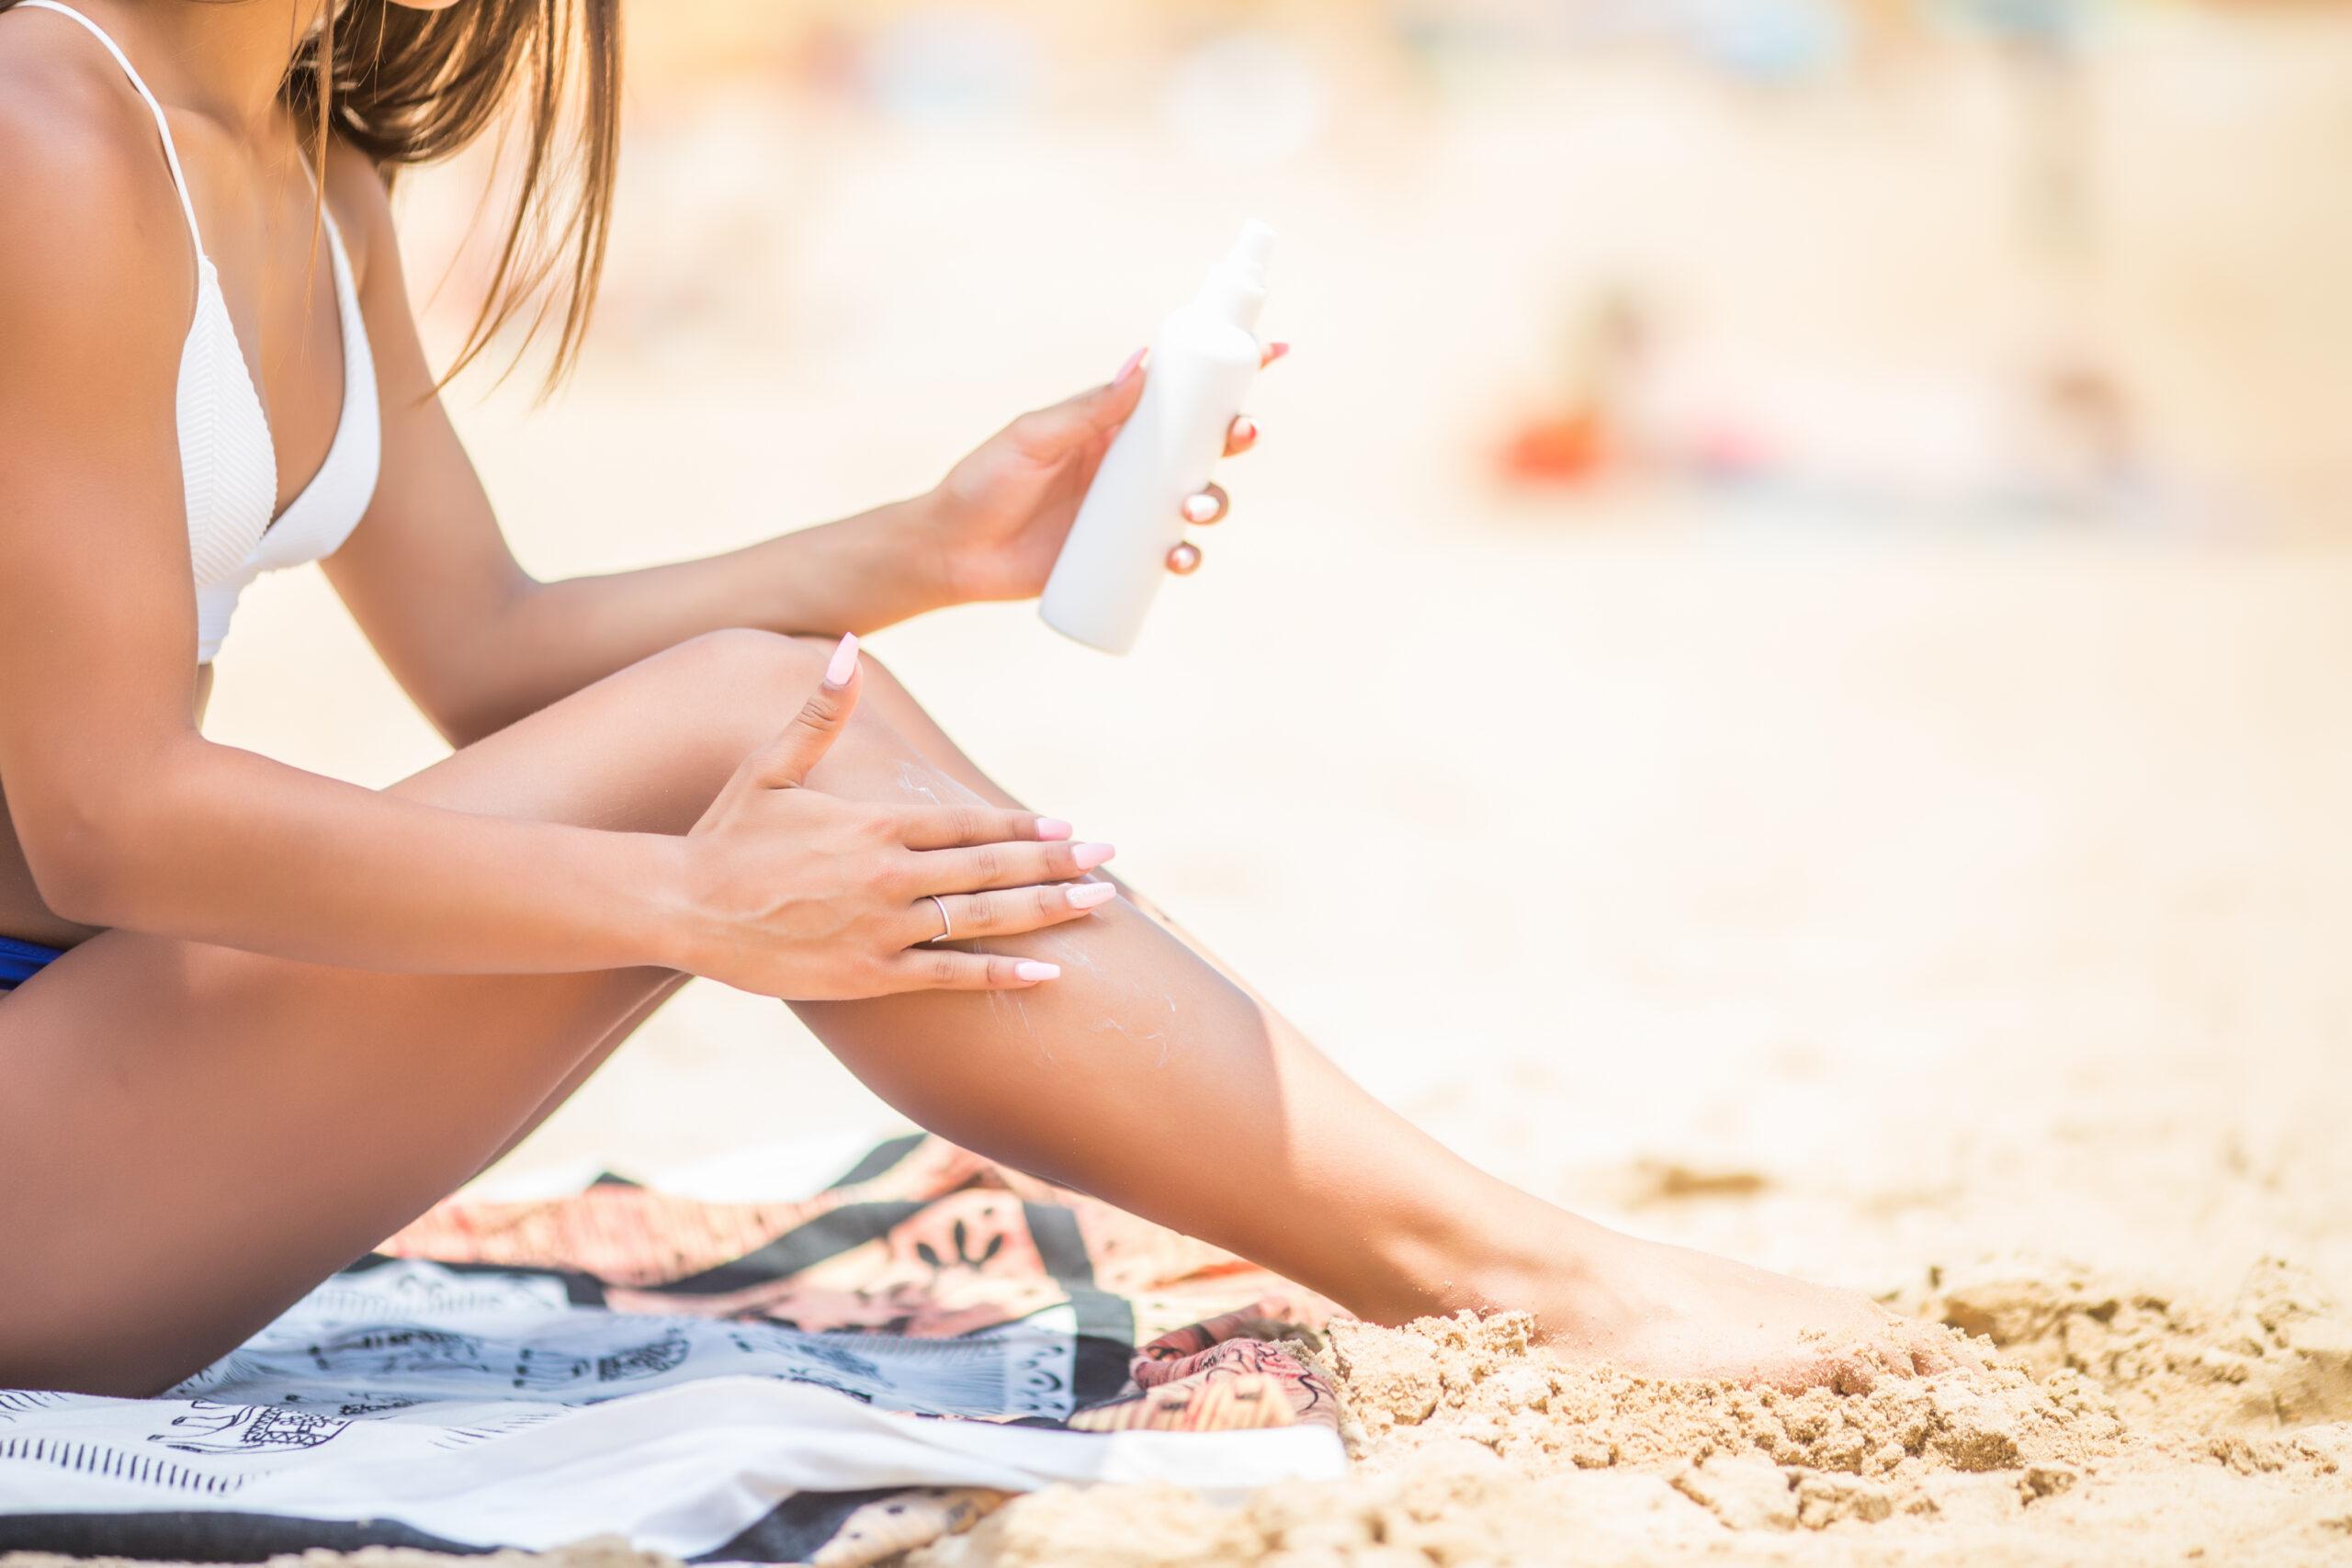 Καλοκαιρινή φροντίδα και προστασία του δέρματος: Τι πρέπει να ξέρεις!